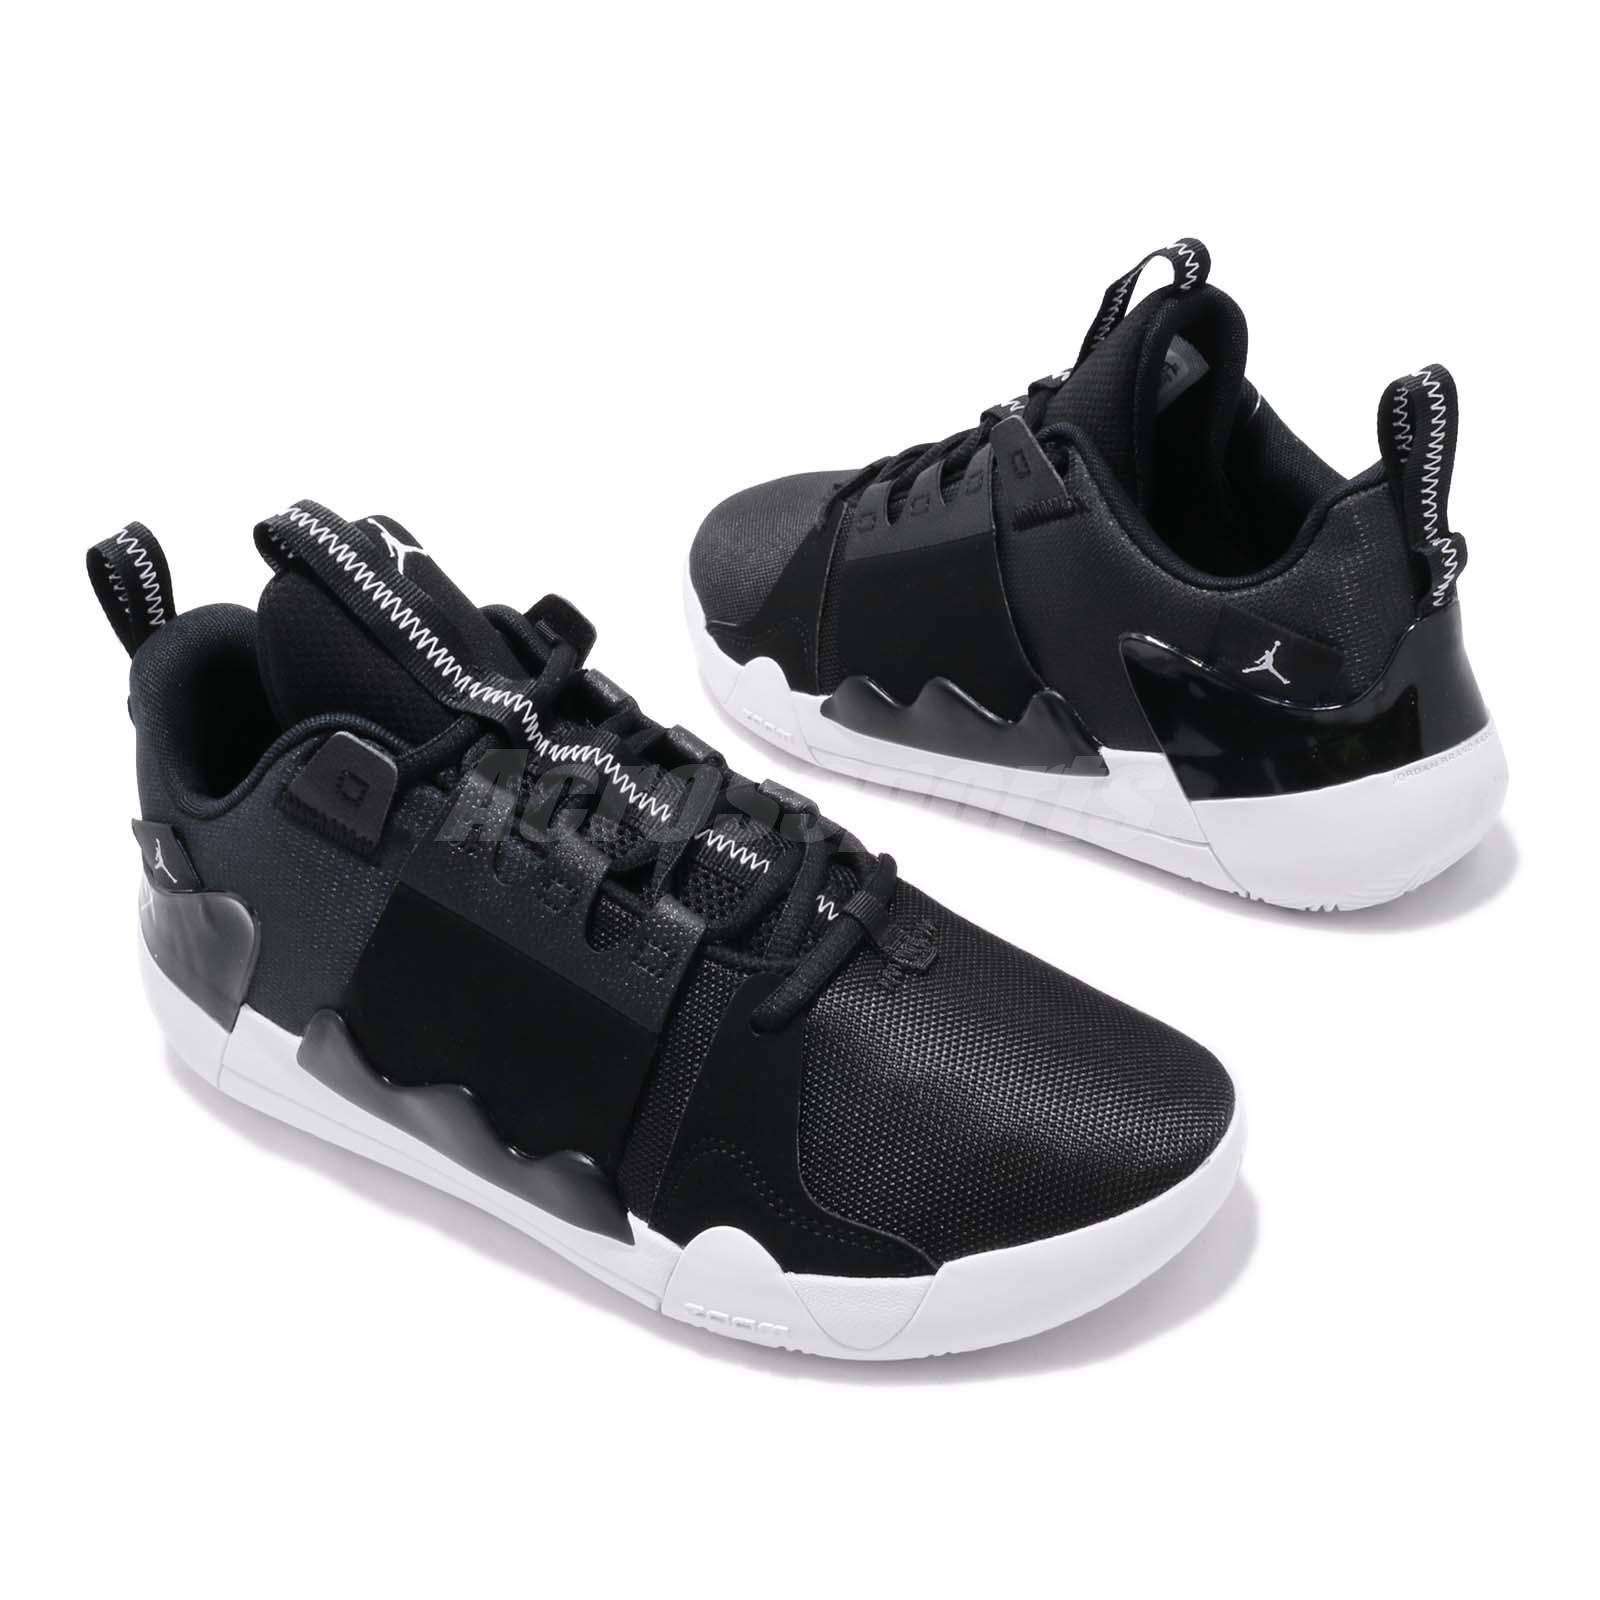 6b6a3302060 Nike Jordan Zoom Zero Gravity PF Black White Mens Basketball Shoes ...